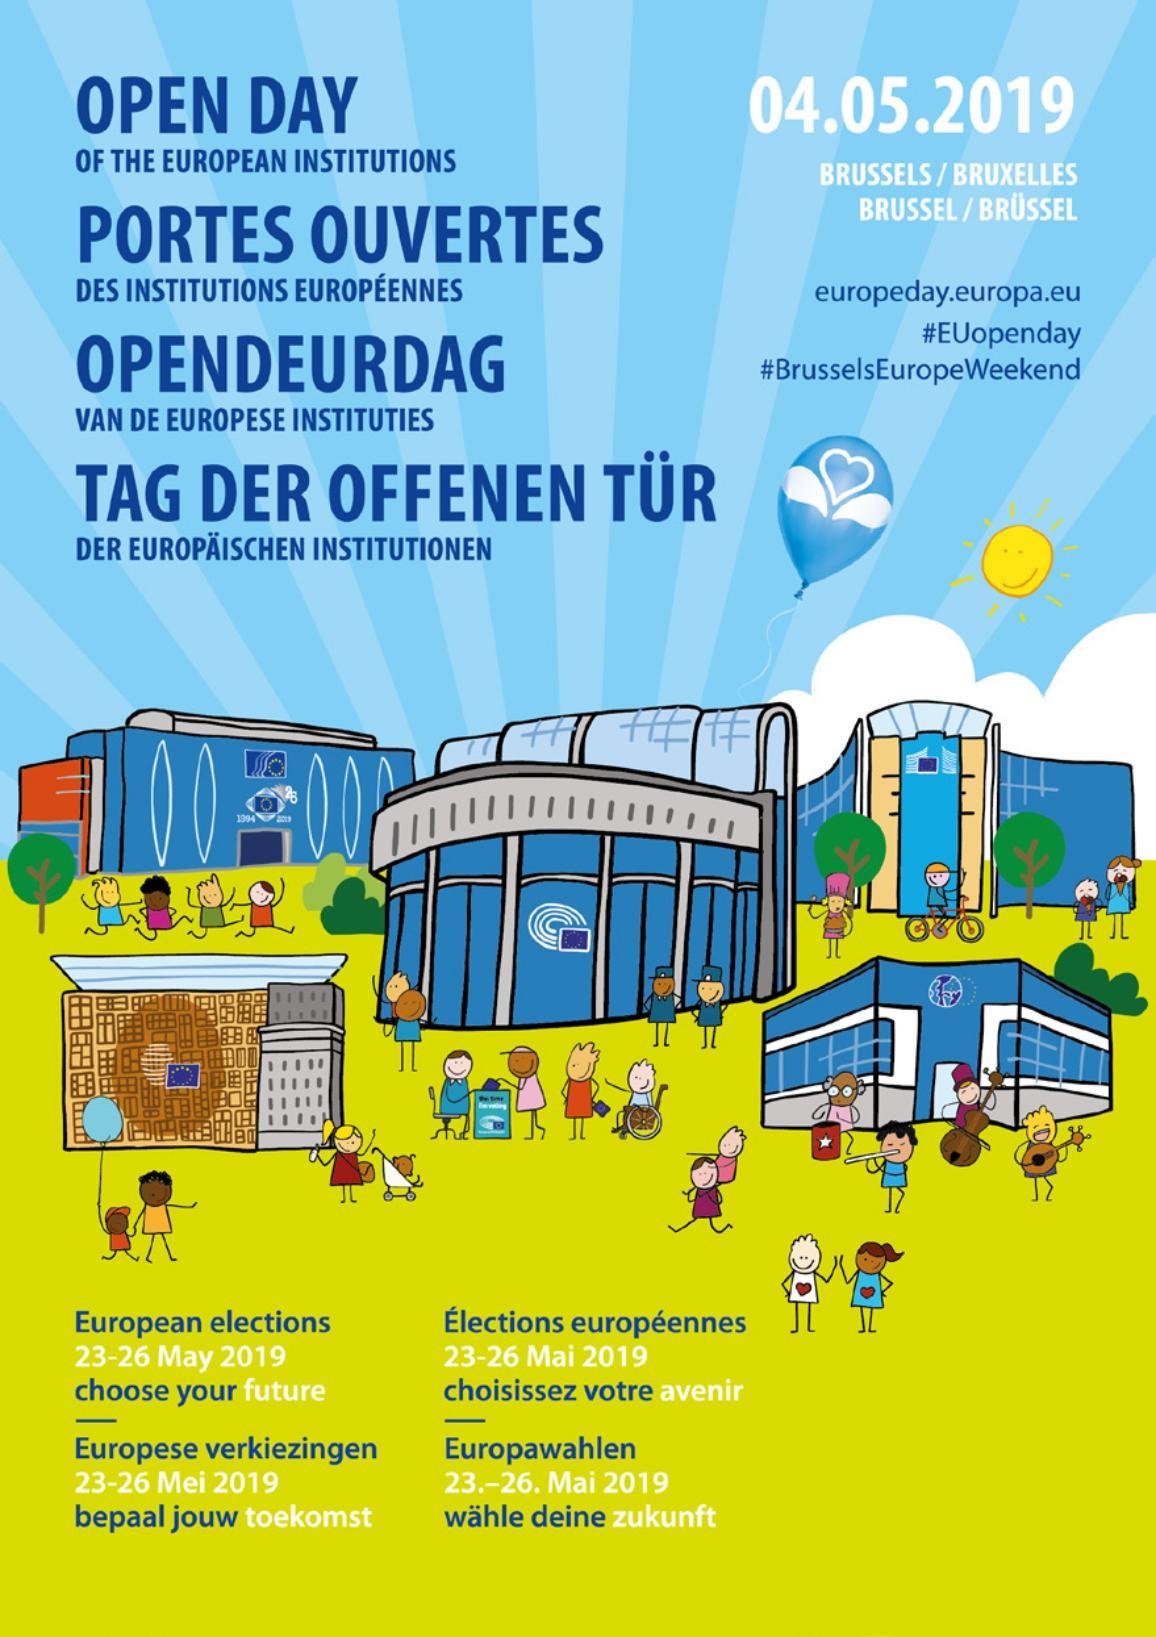 Afbeelding van het affiche betreffende de open dag van 2019 van de Europese instellingen.